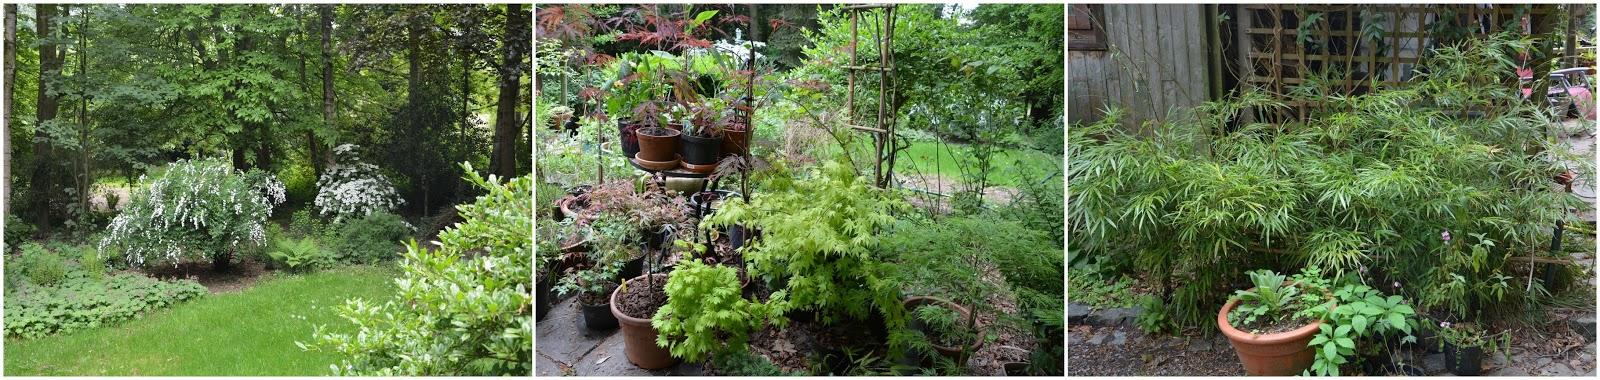 Bricuisir quelques photos de notre jardin sauvage for Jardin sauvage